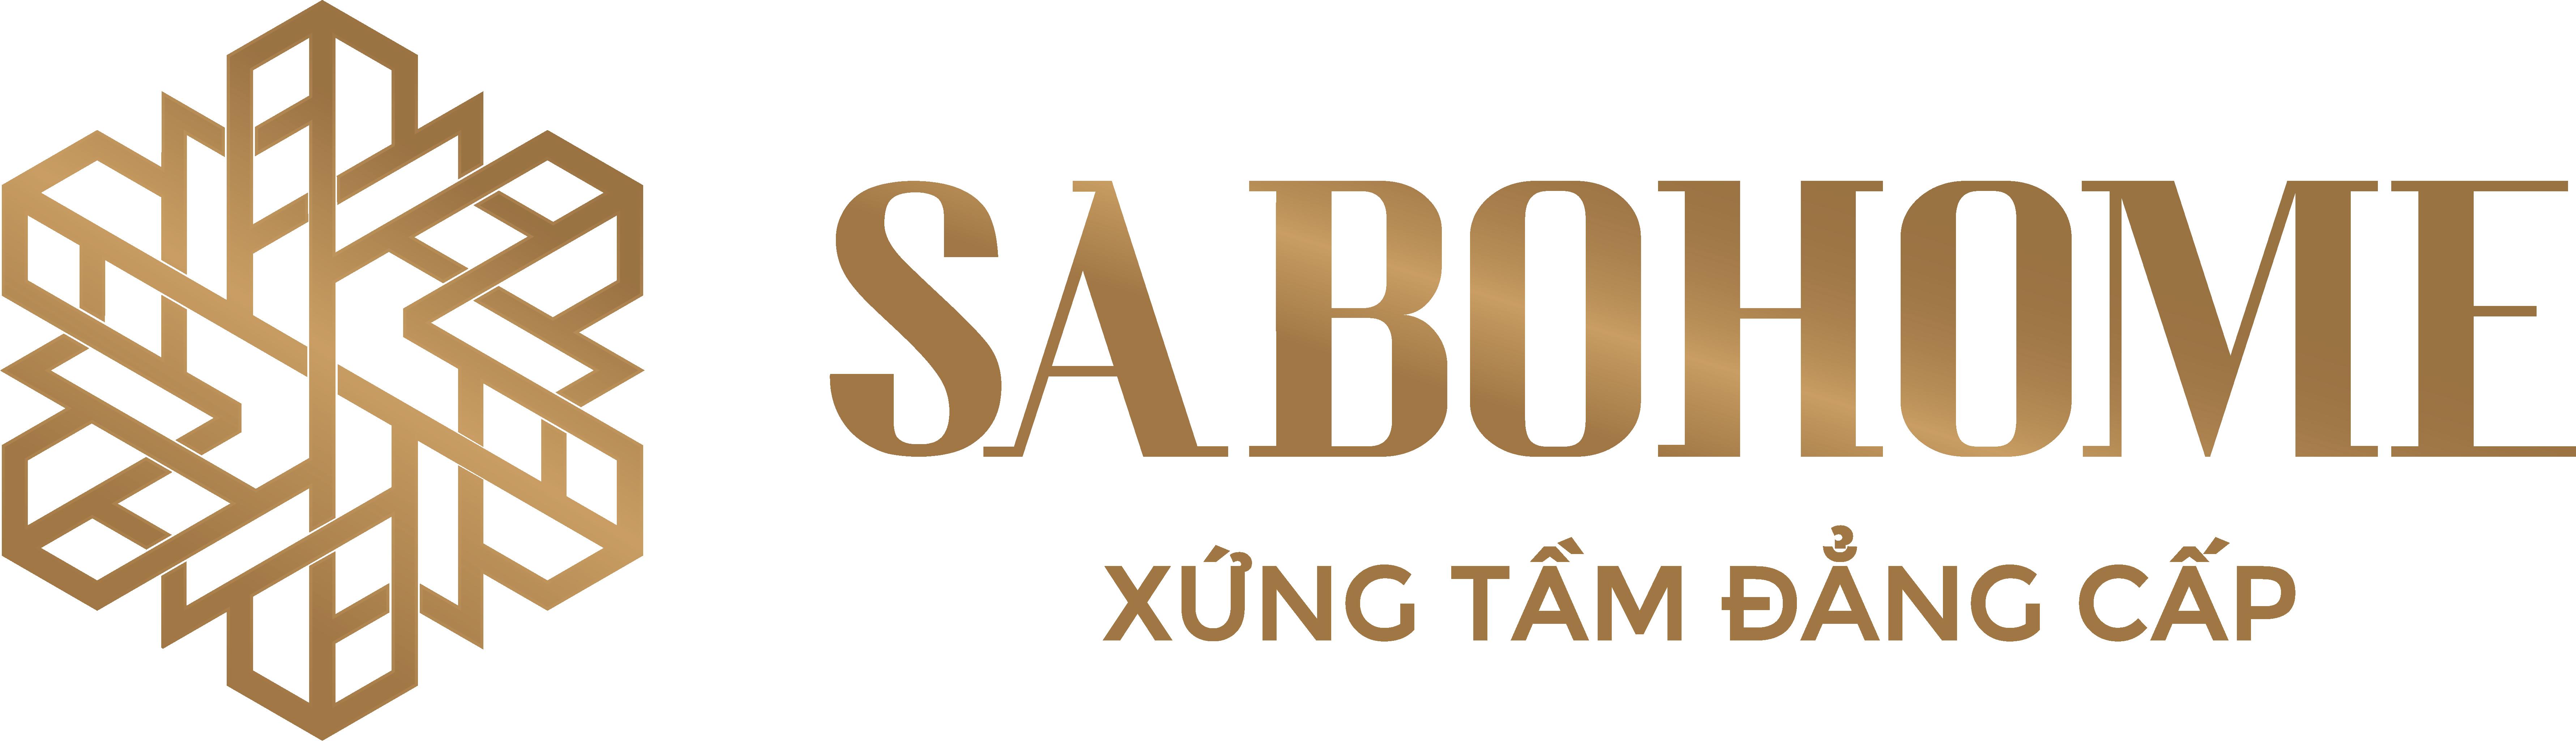 Sabohome.com.vn